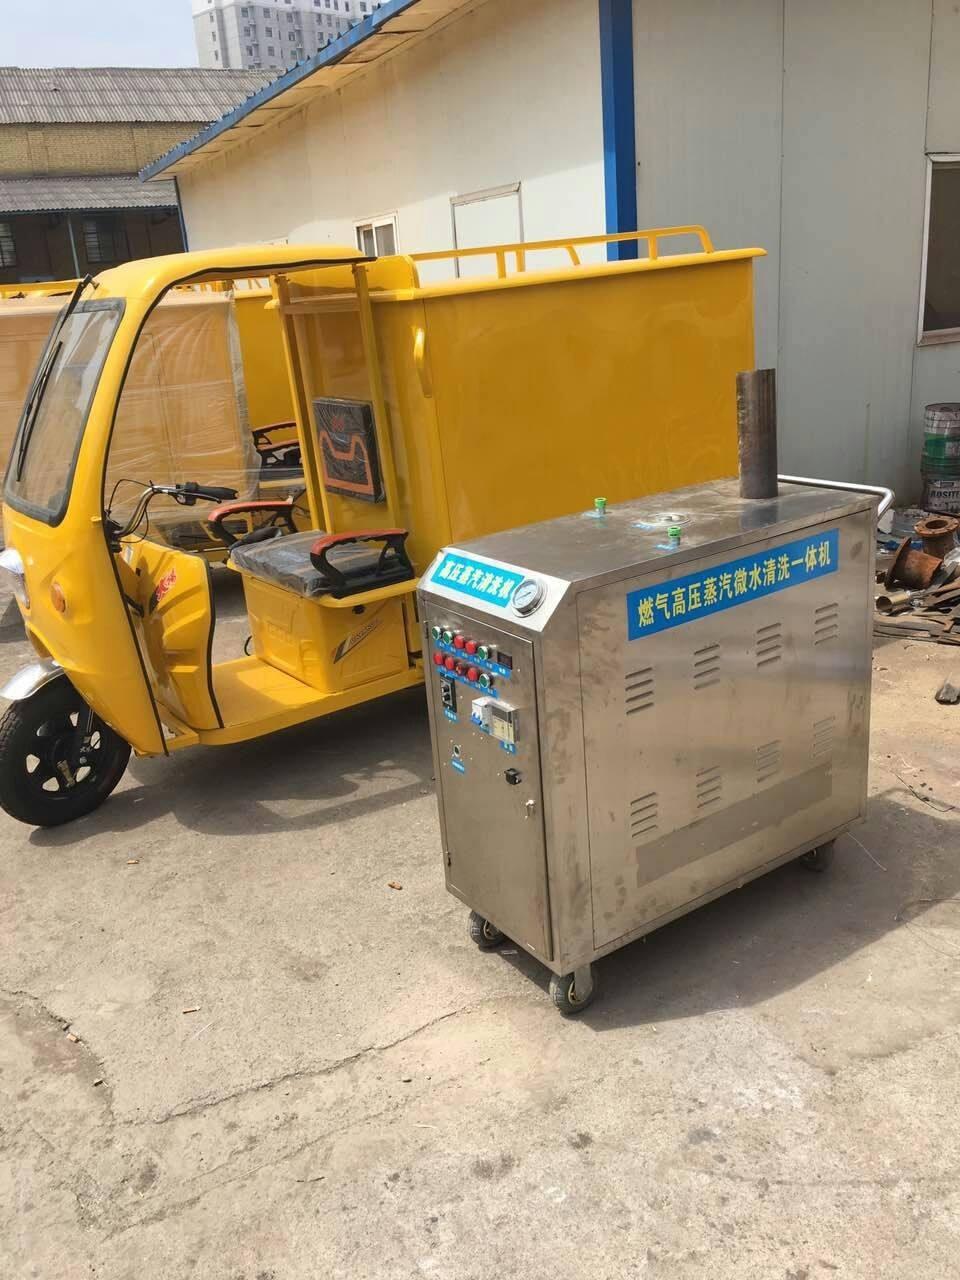 沐鸣2平台资讯中久燃气式蒸汽洗车机操作简单安全可靠耗能低